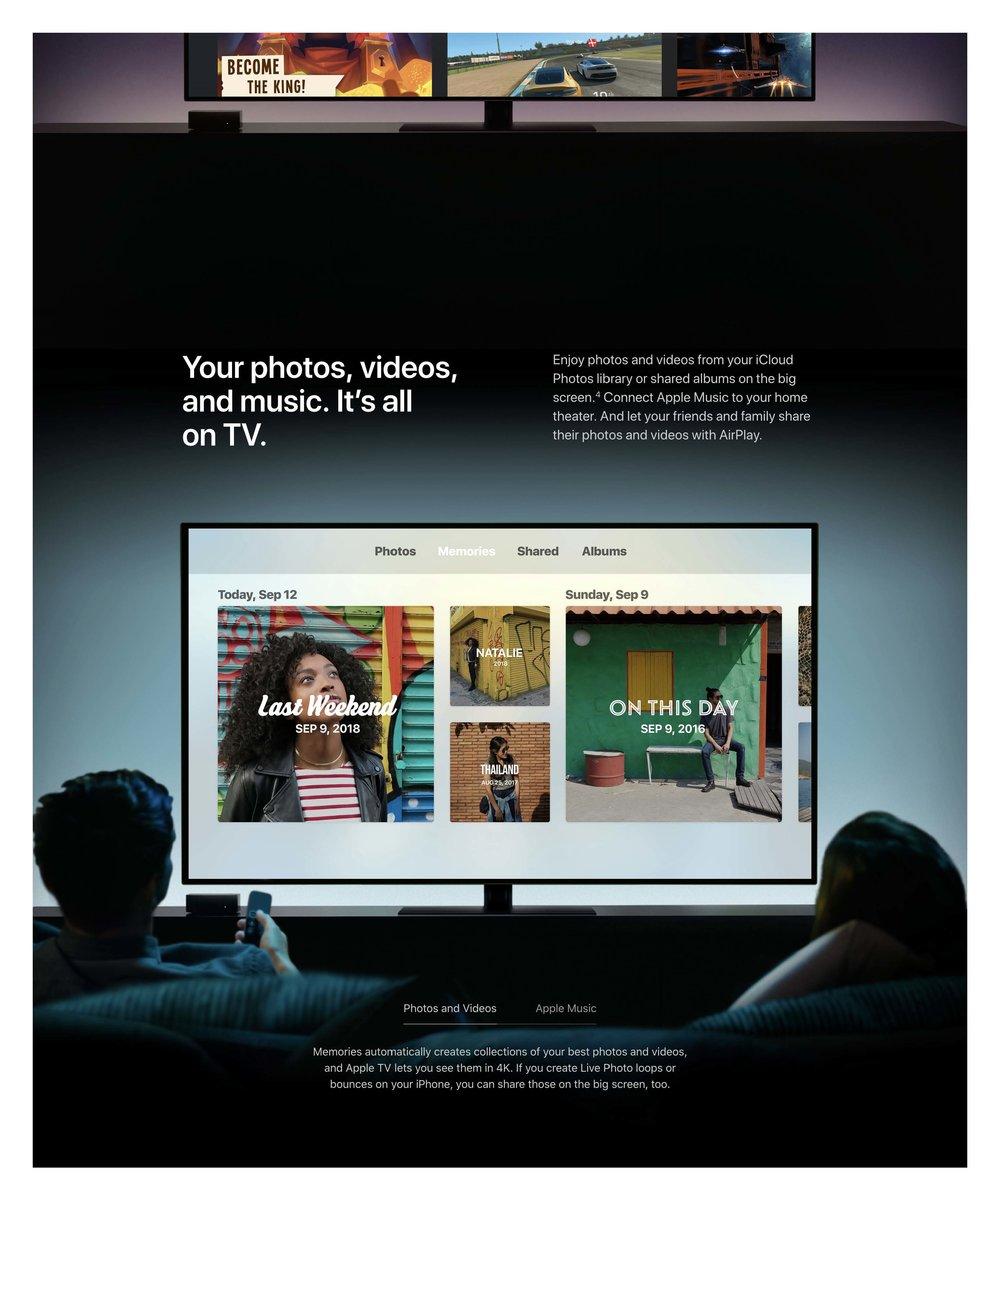 screencapture-apple-apple-tv-4k-2019-03-10-11_23_26_Page_08.jpg